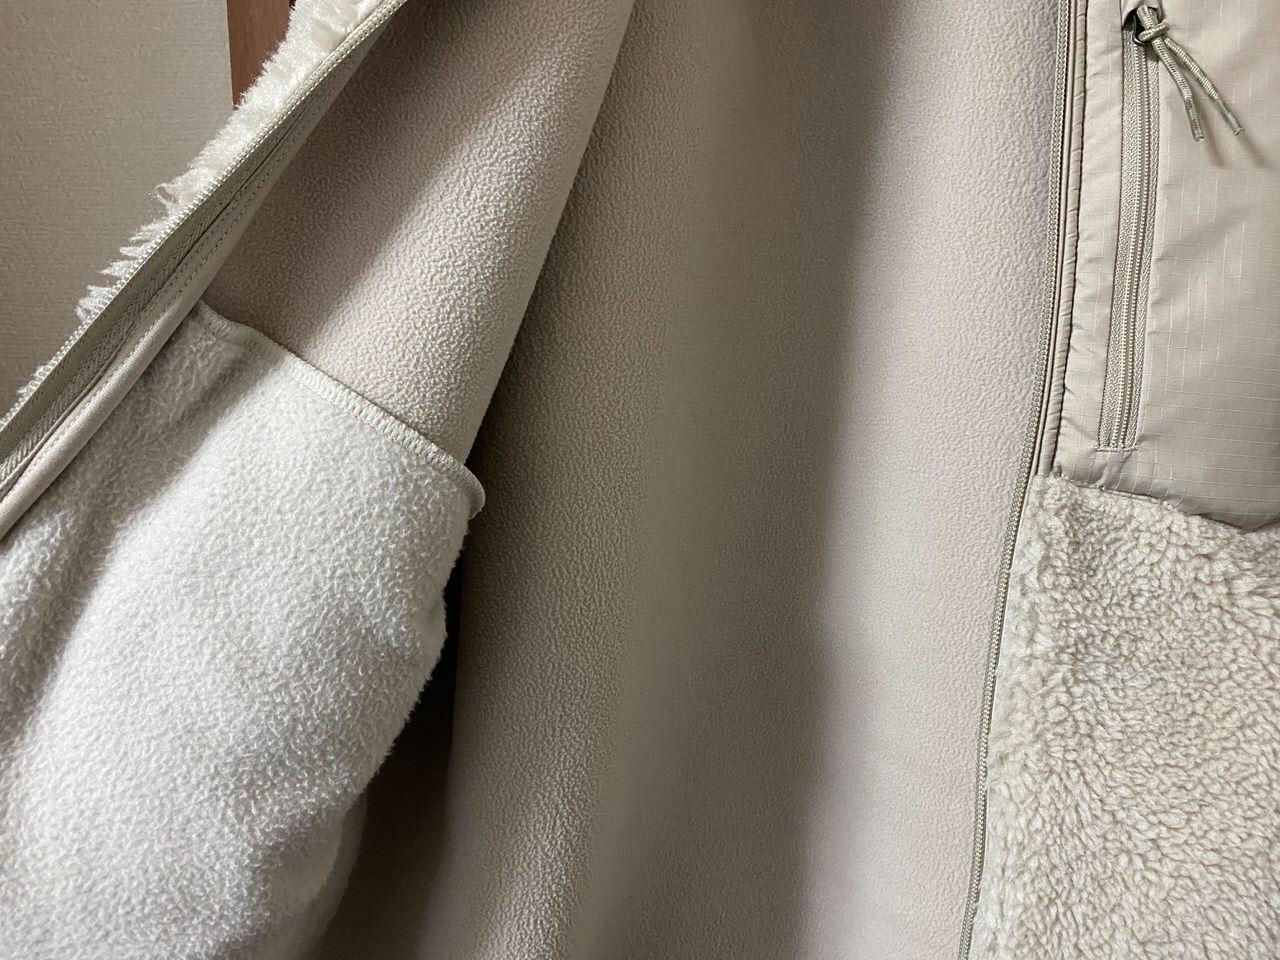 ユニクロ「防風ボアフリースジャケット」2